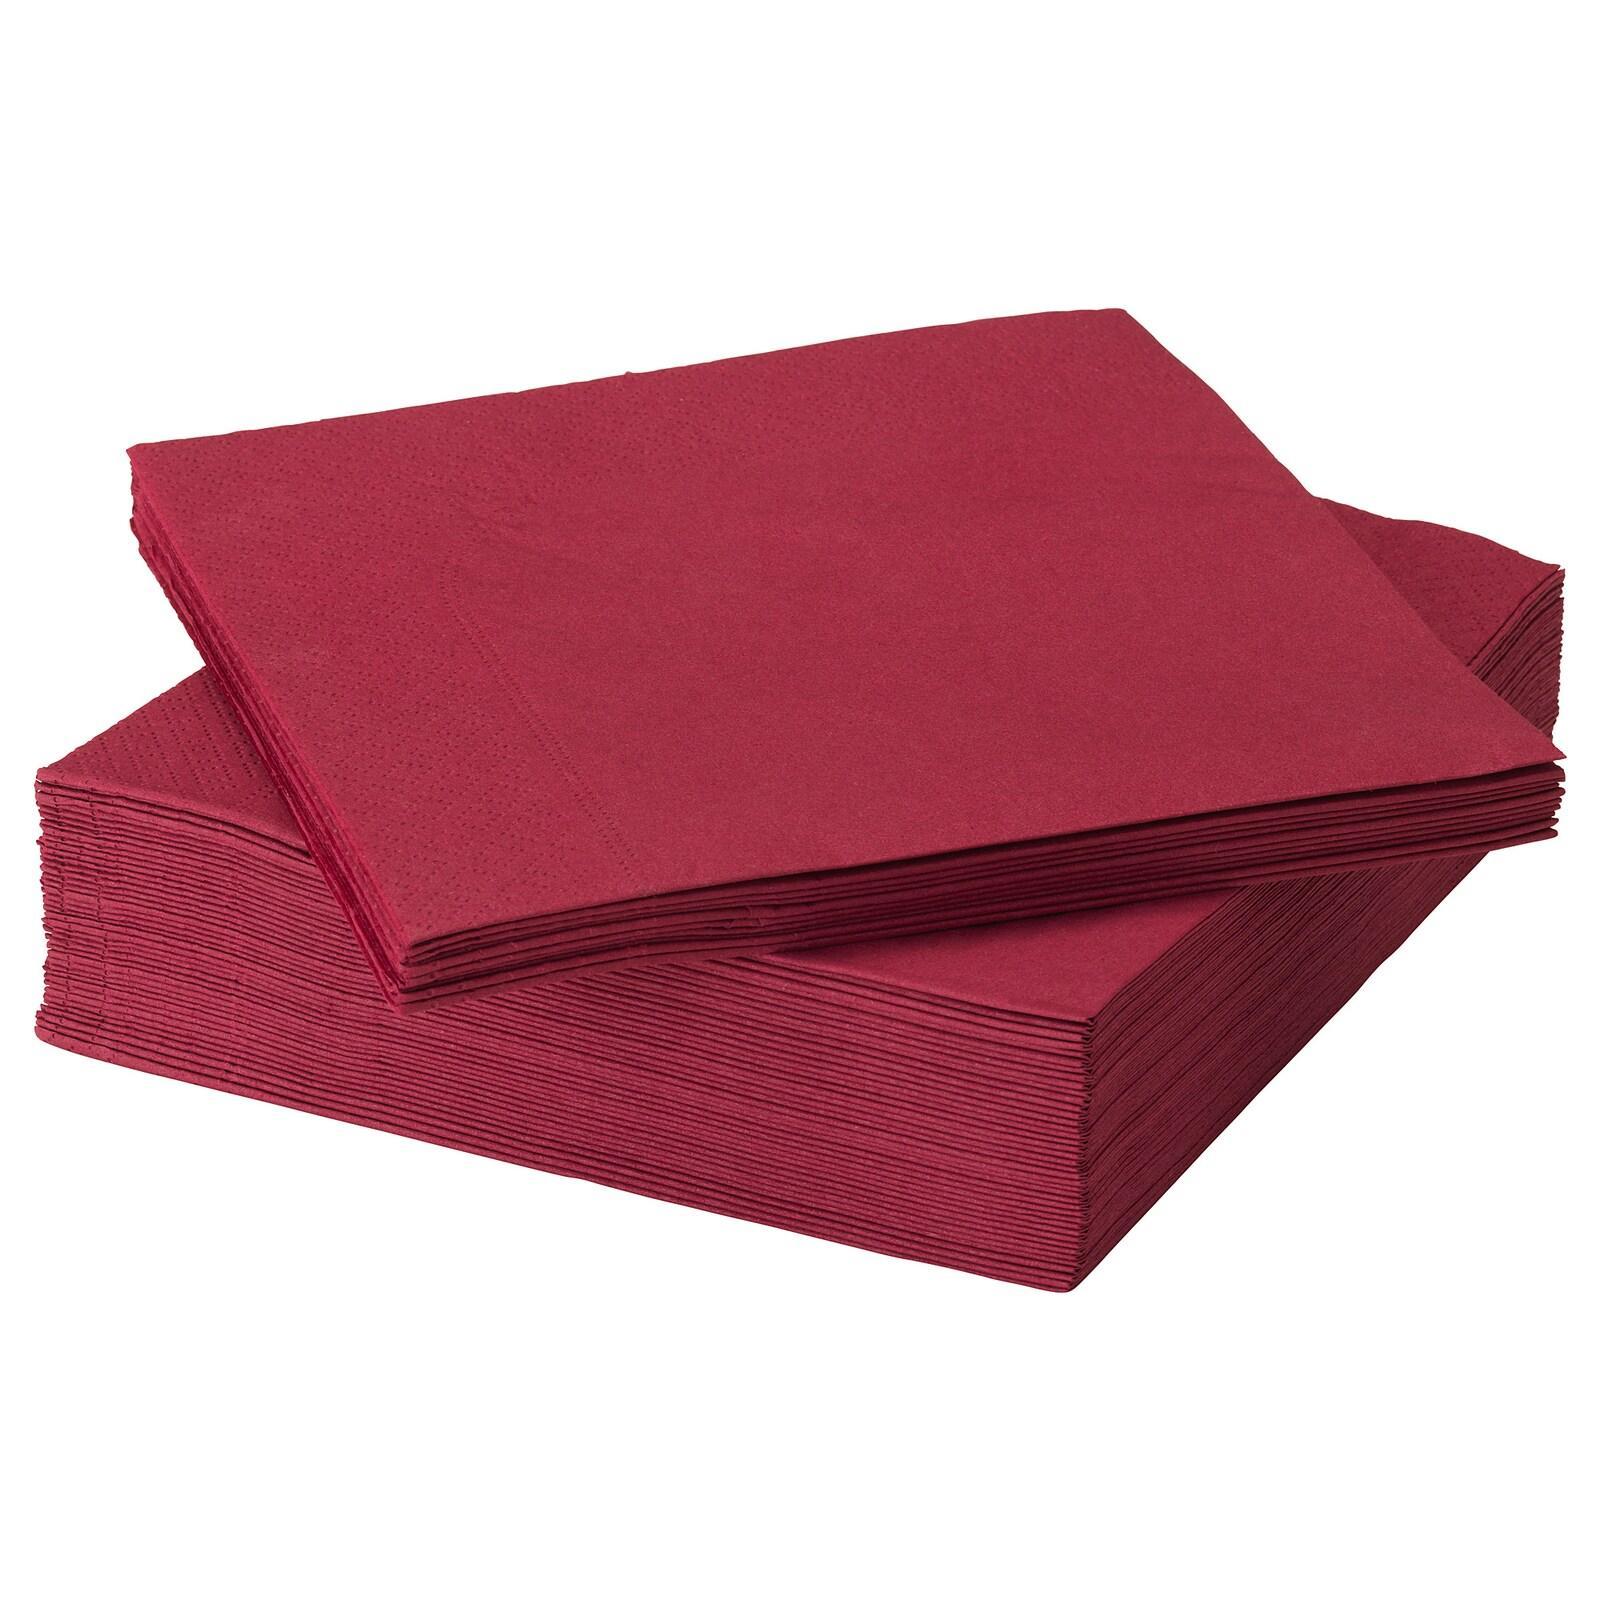 Papírové ubrousky vínové - Obrázek č. 1